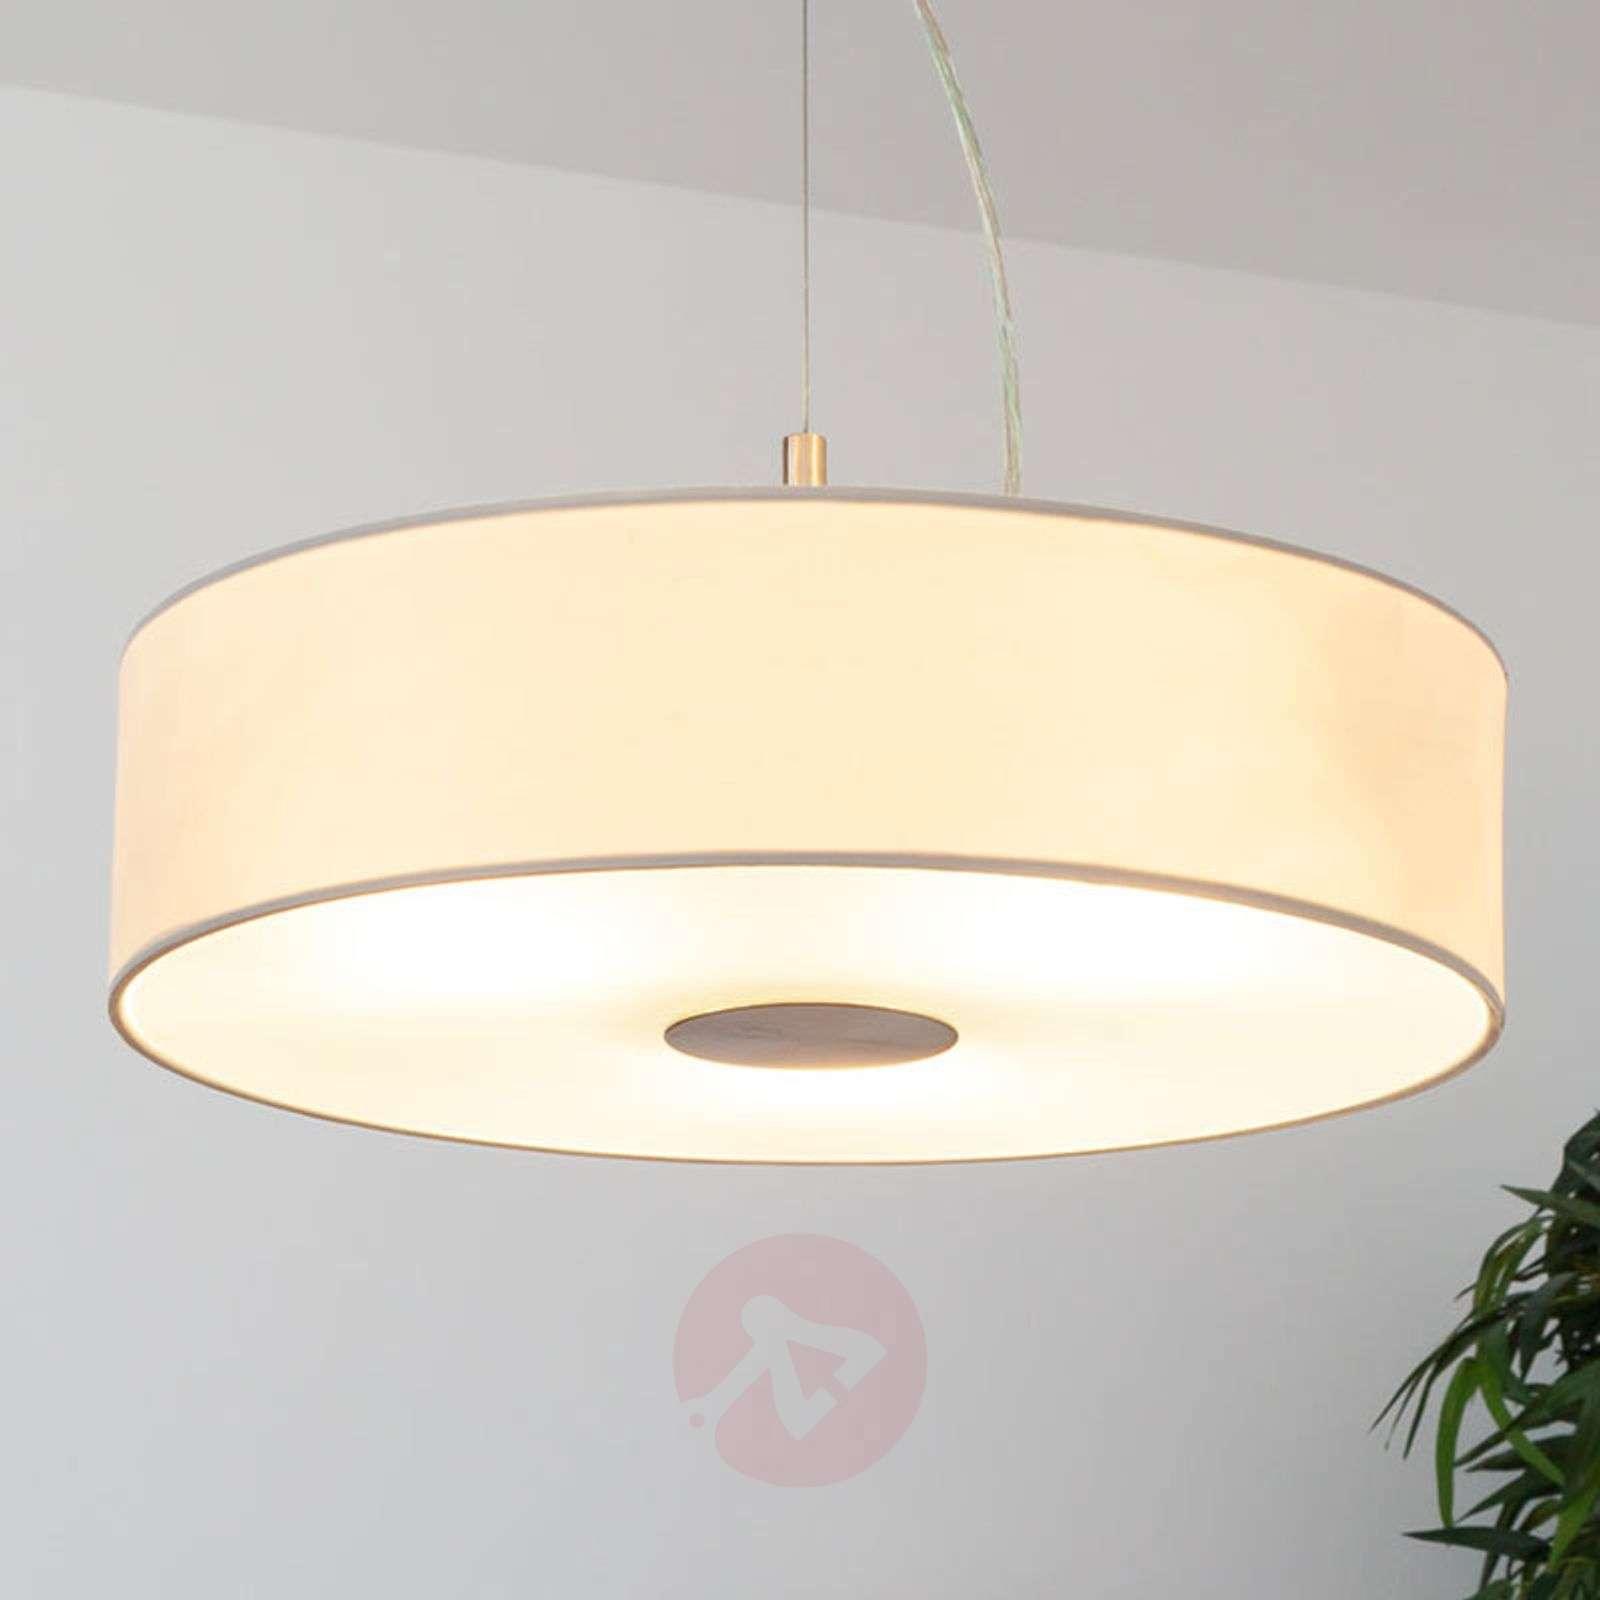 Josia elegant pendant lamp in white-9620046-01